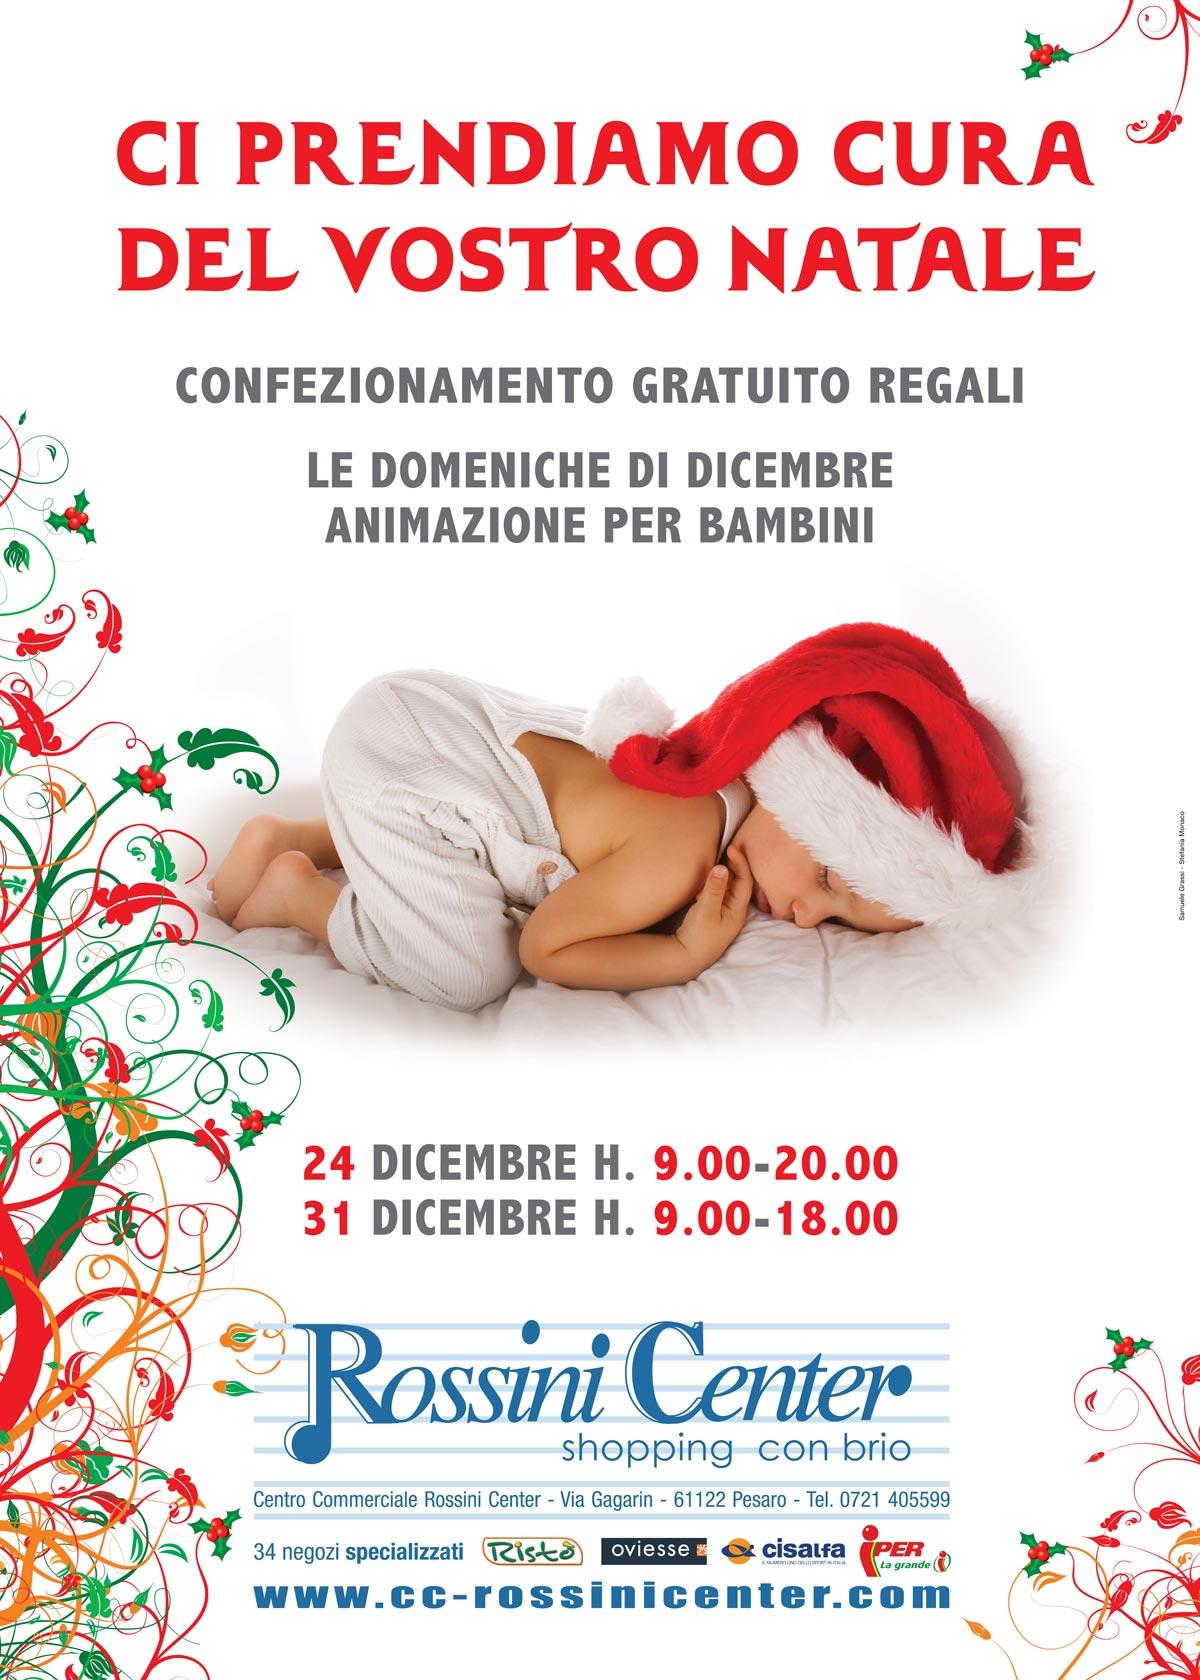 Natale rossini center 2011 samuele grassi for Clienti sinonimo